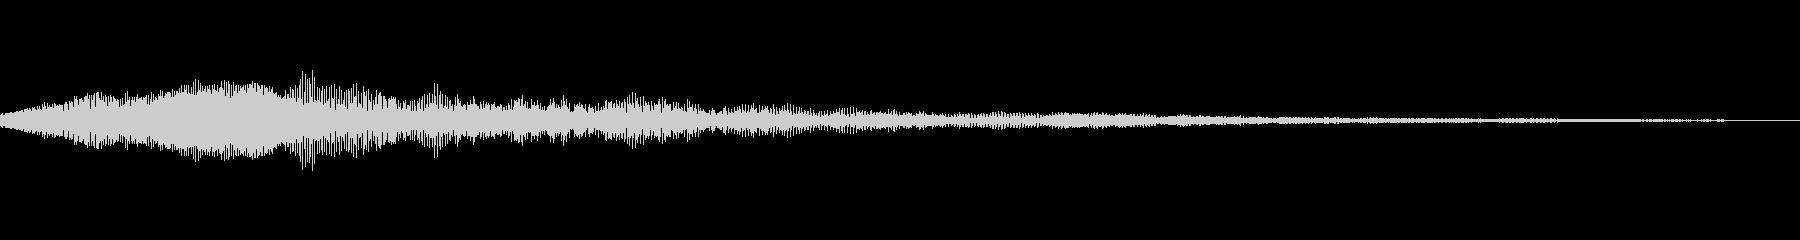 猫の鳴き声 にゃー の未再生の波形